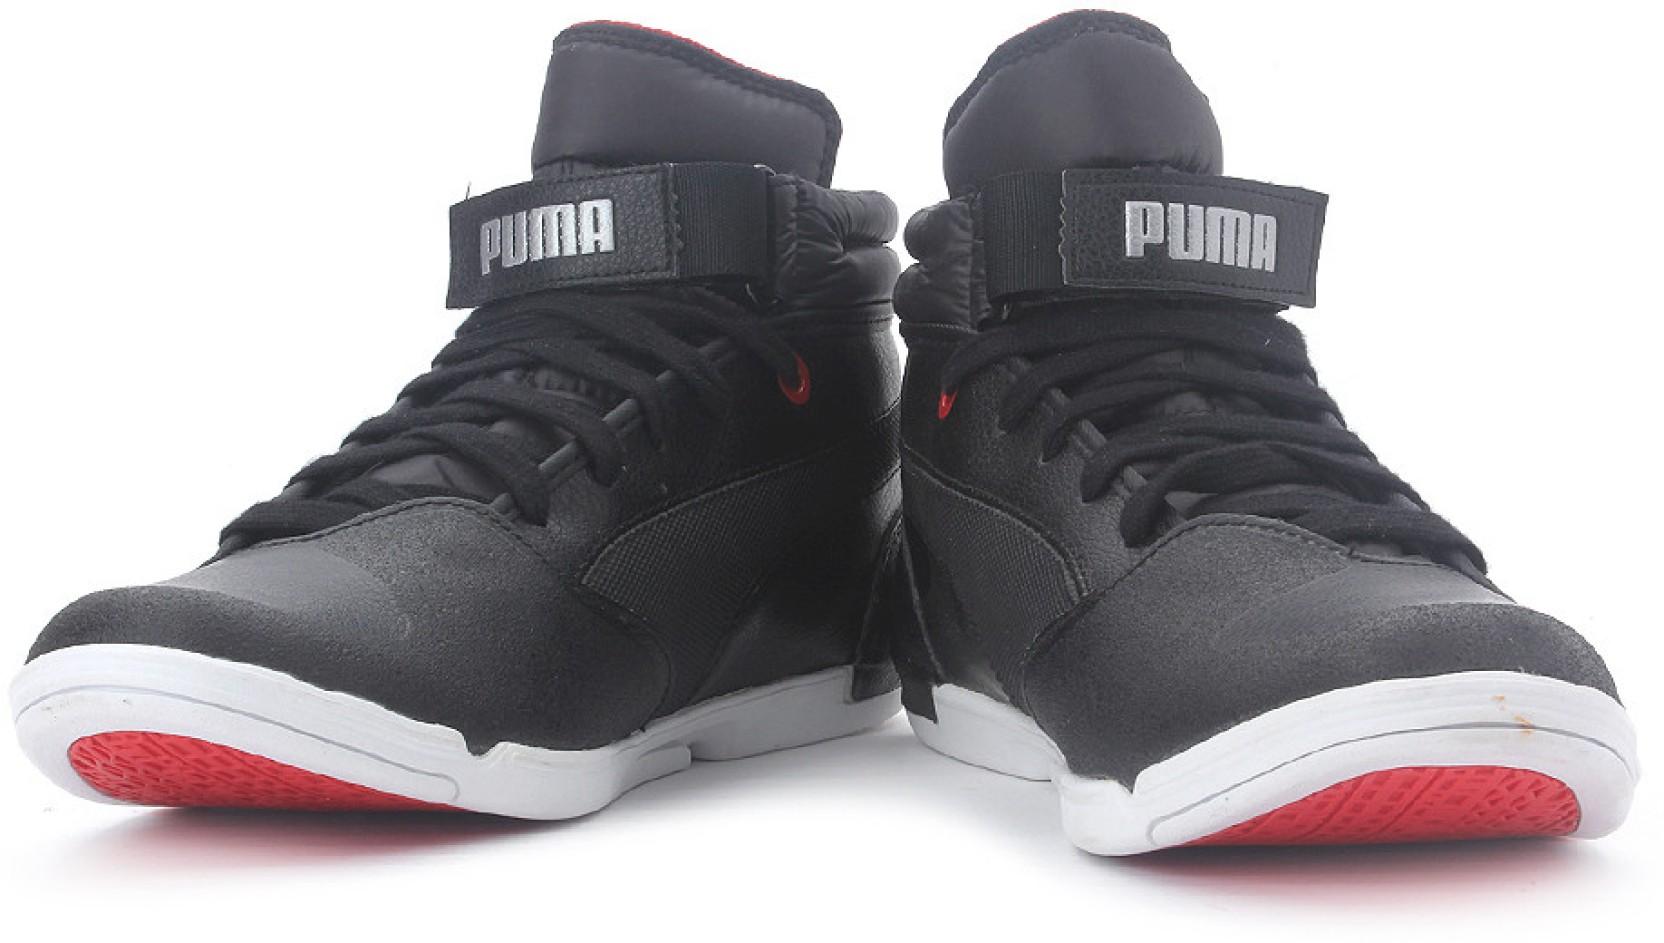 Puma Xelerate Mid Ducati Sneakers For Men - Buy Black 61712b7c9